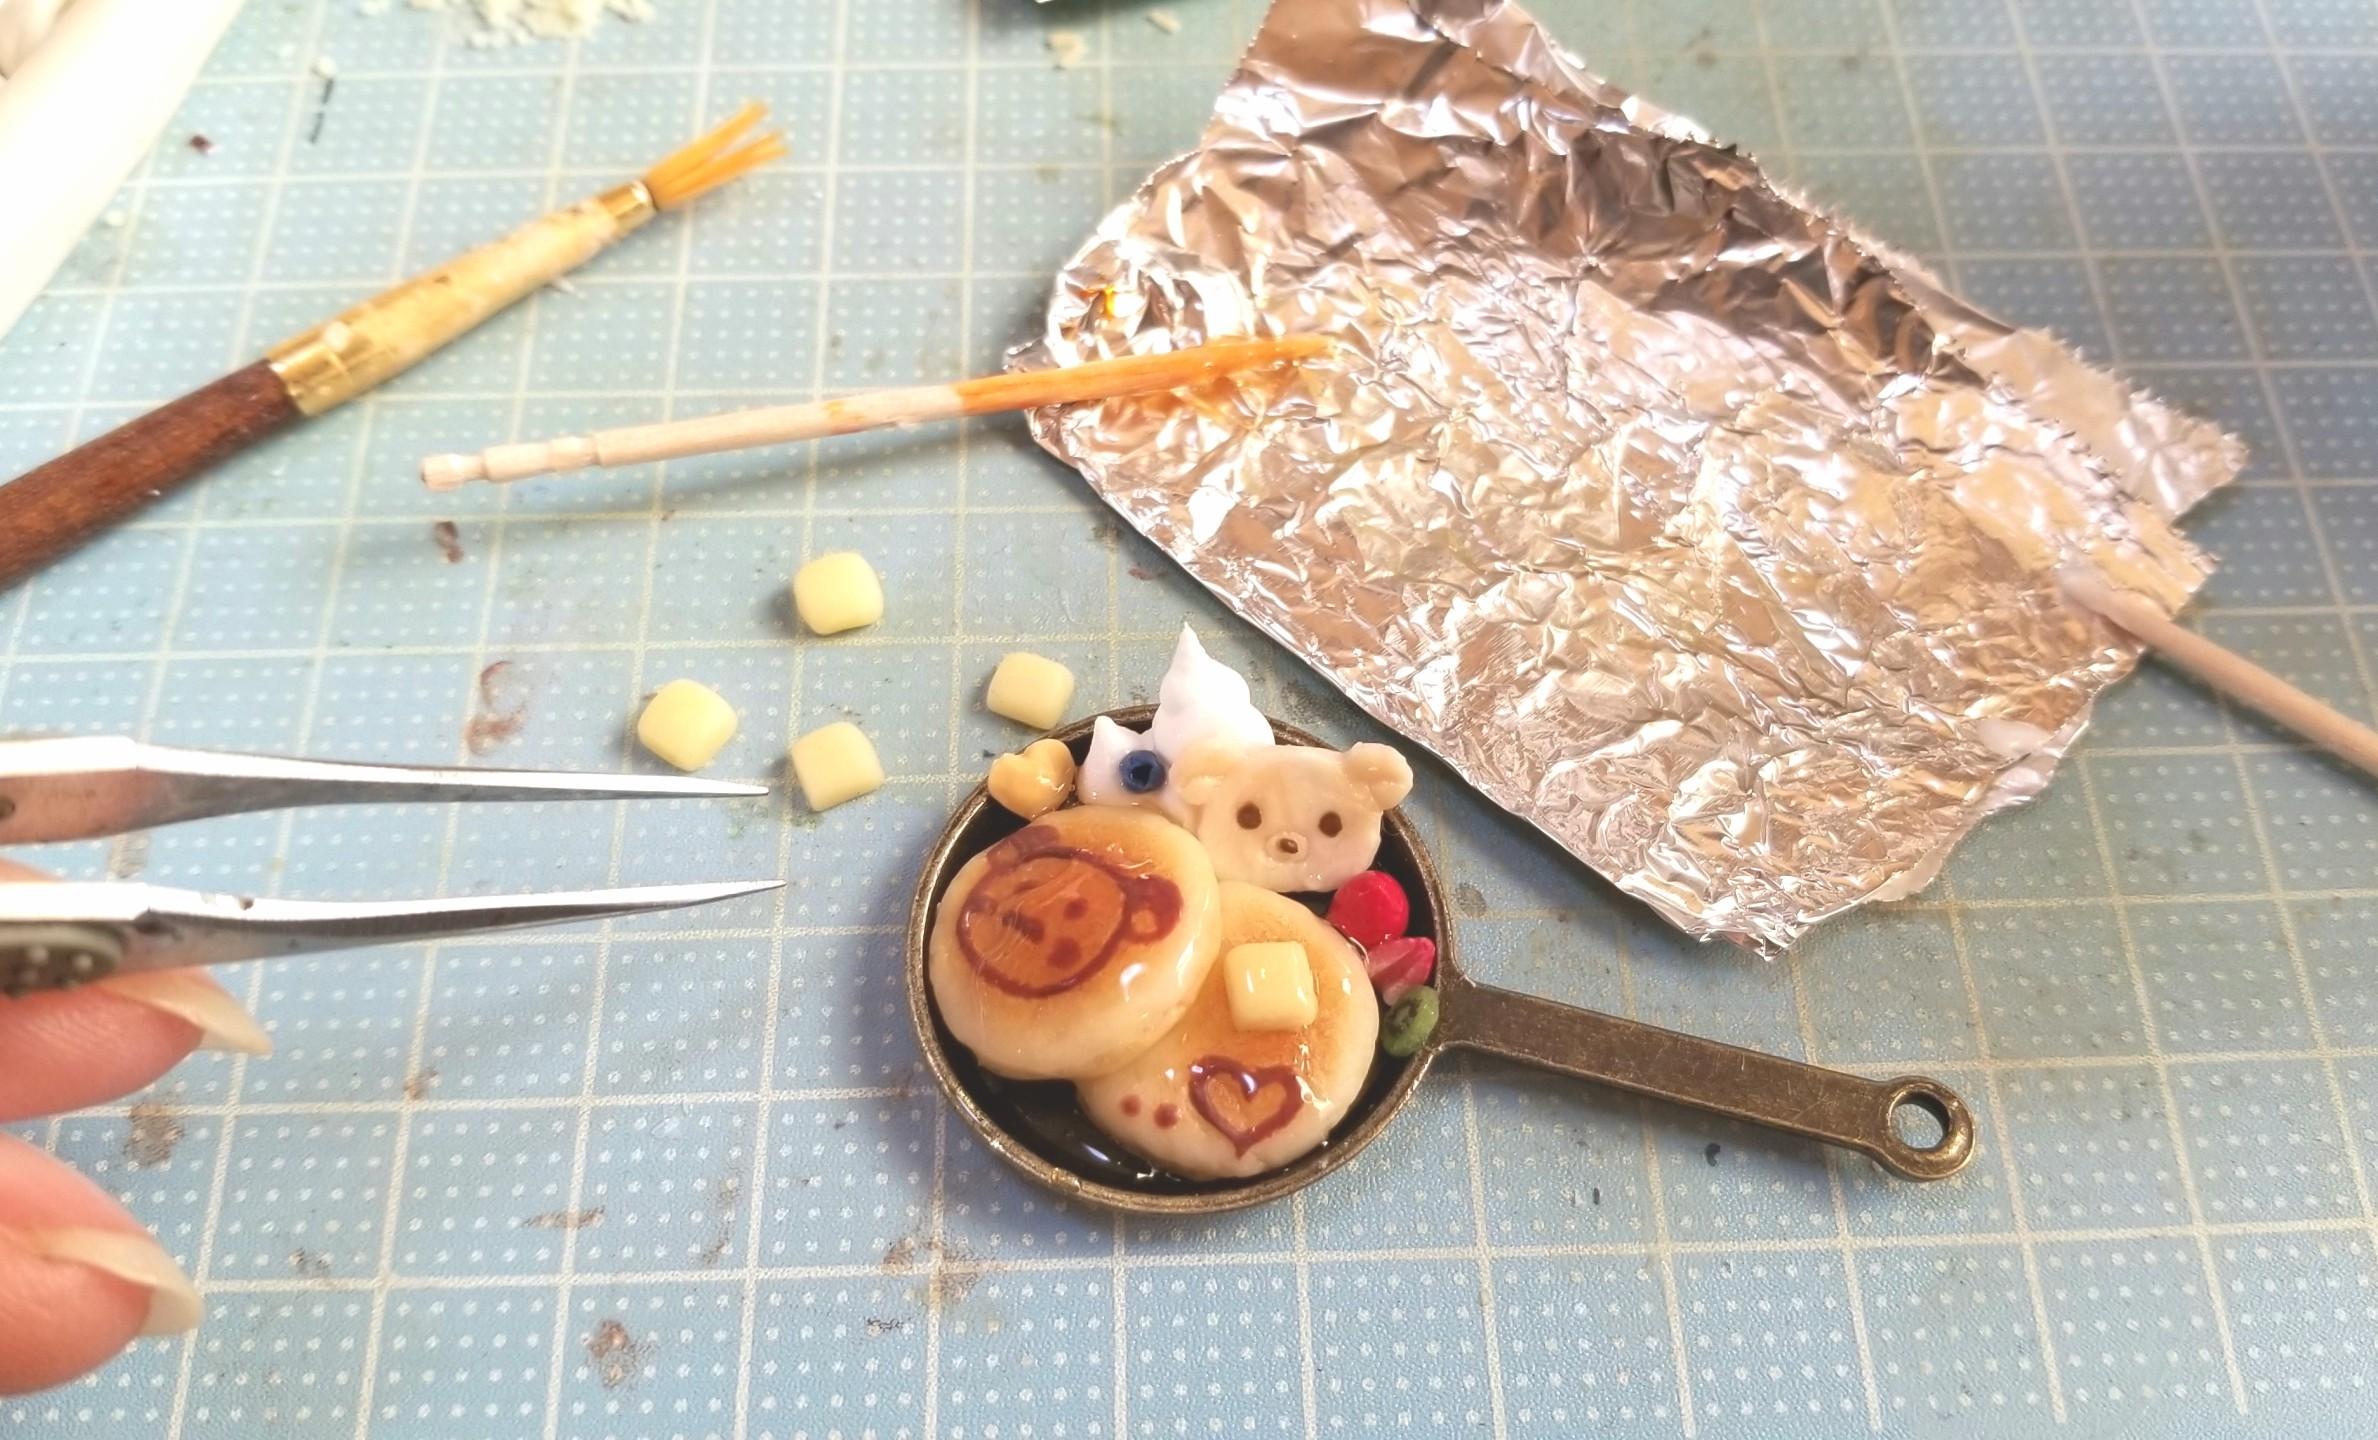 ミニチュアフード,クマちゃんホットケーキの作り方,樹脂粘土,ドール